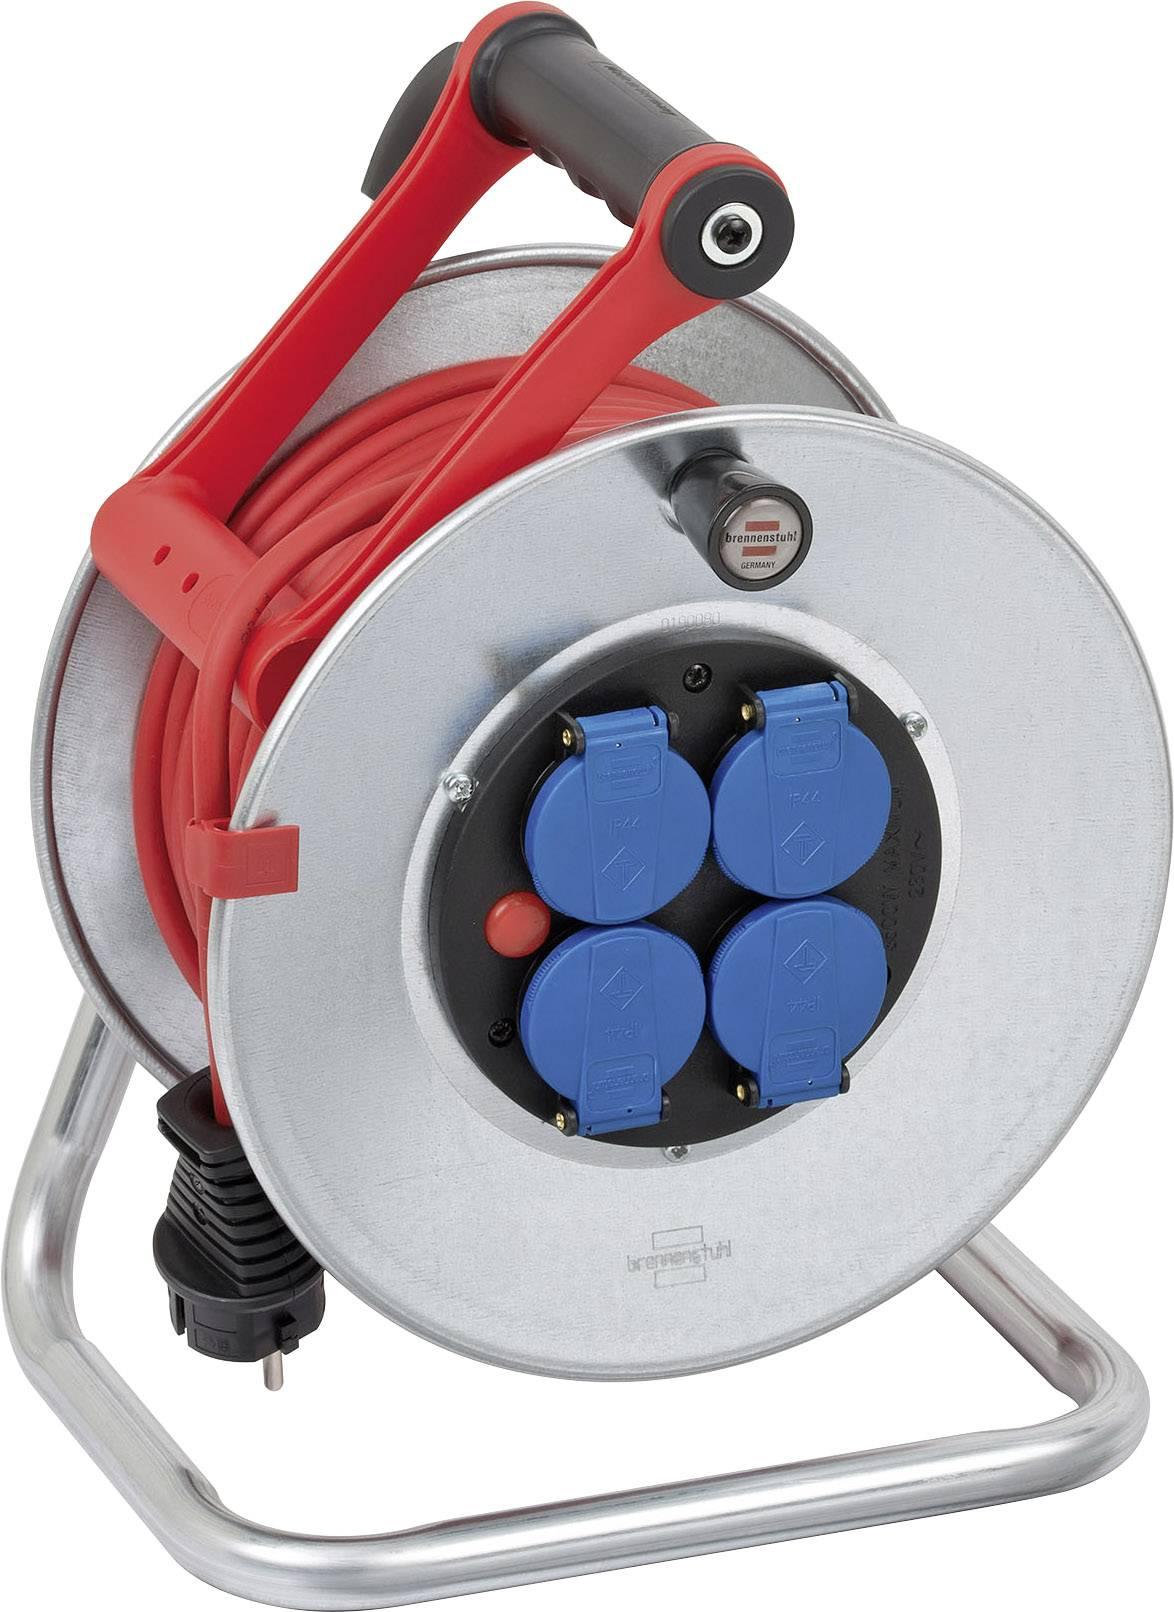 Kabelový buben Brennenstuhl 1199854, Super-Solid, 25 m, 4x zásuvka , CZ